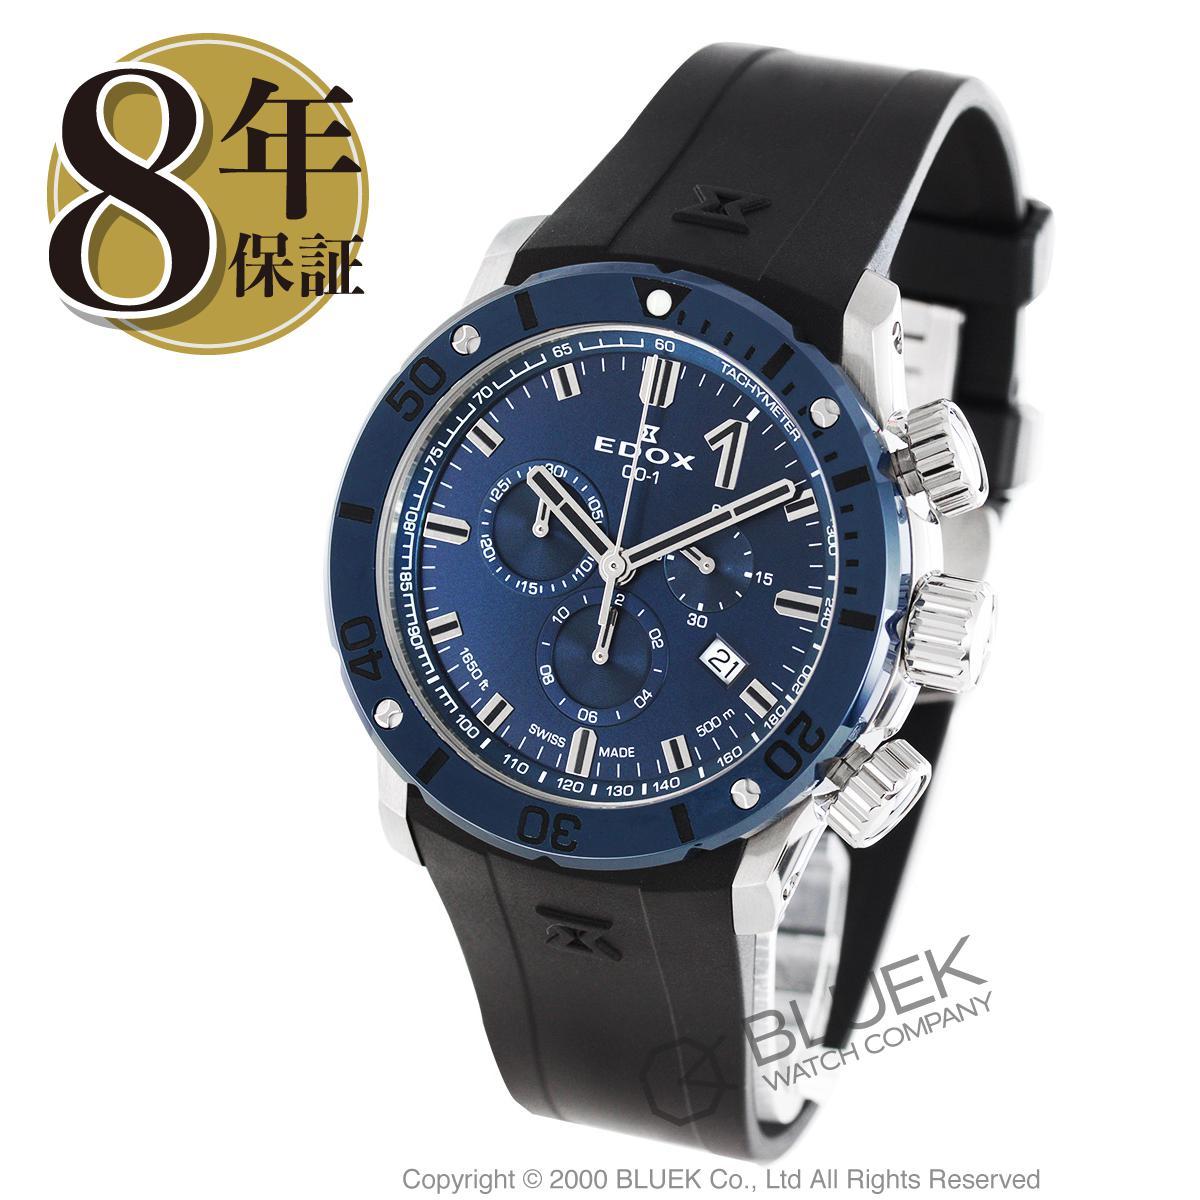 エドックス クロノオフショア1 クロノグラフ 500m防水 腕時計 メンズ EDOX 10221-3BU7-BUIN7_8